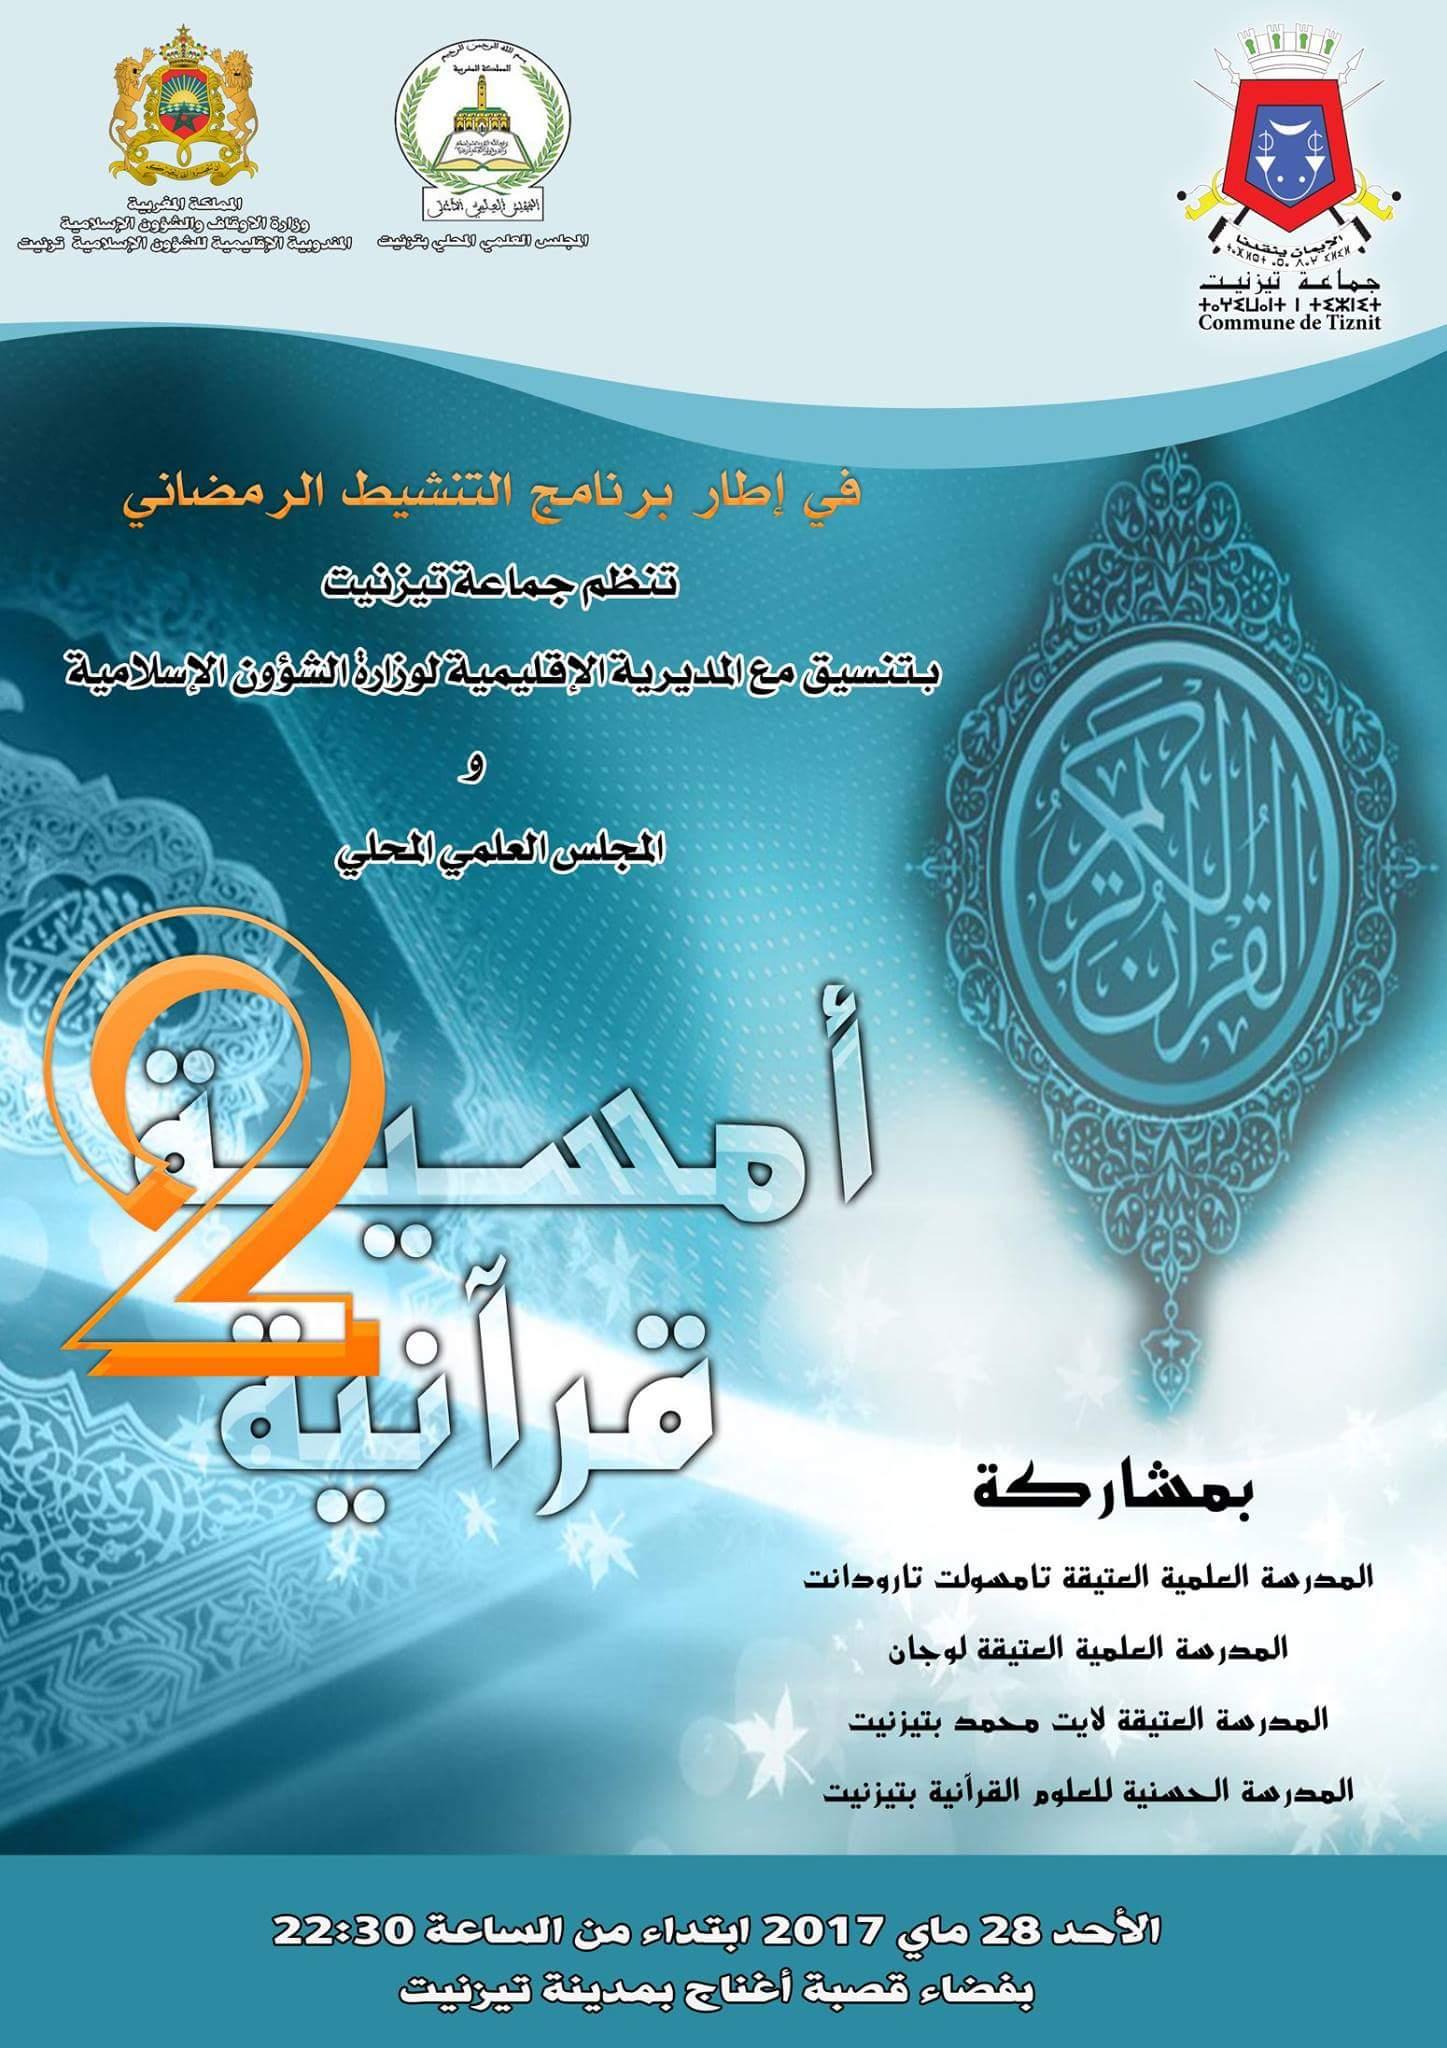 جماعة تيزنيت تستقبل رمضان بأمسية قرآنية في قصبة أغناج